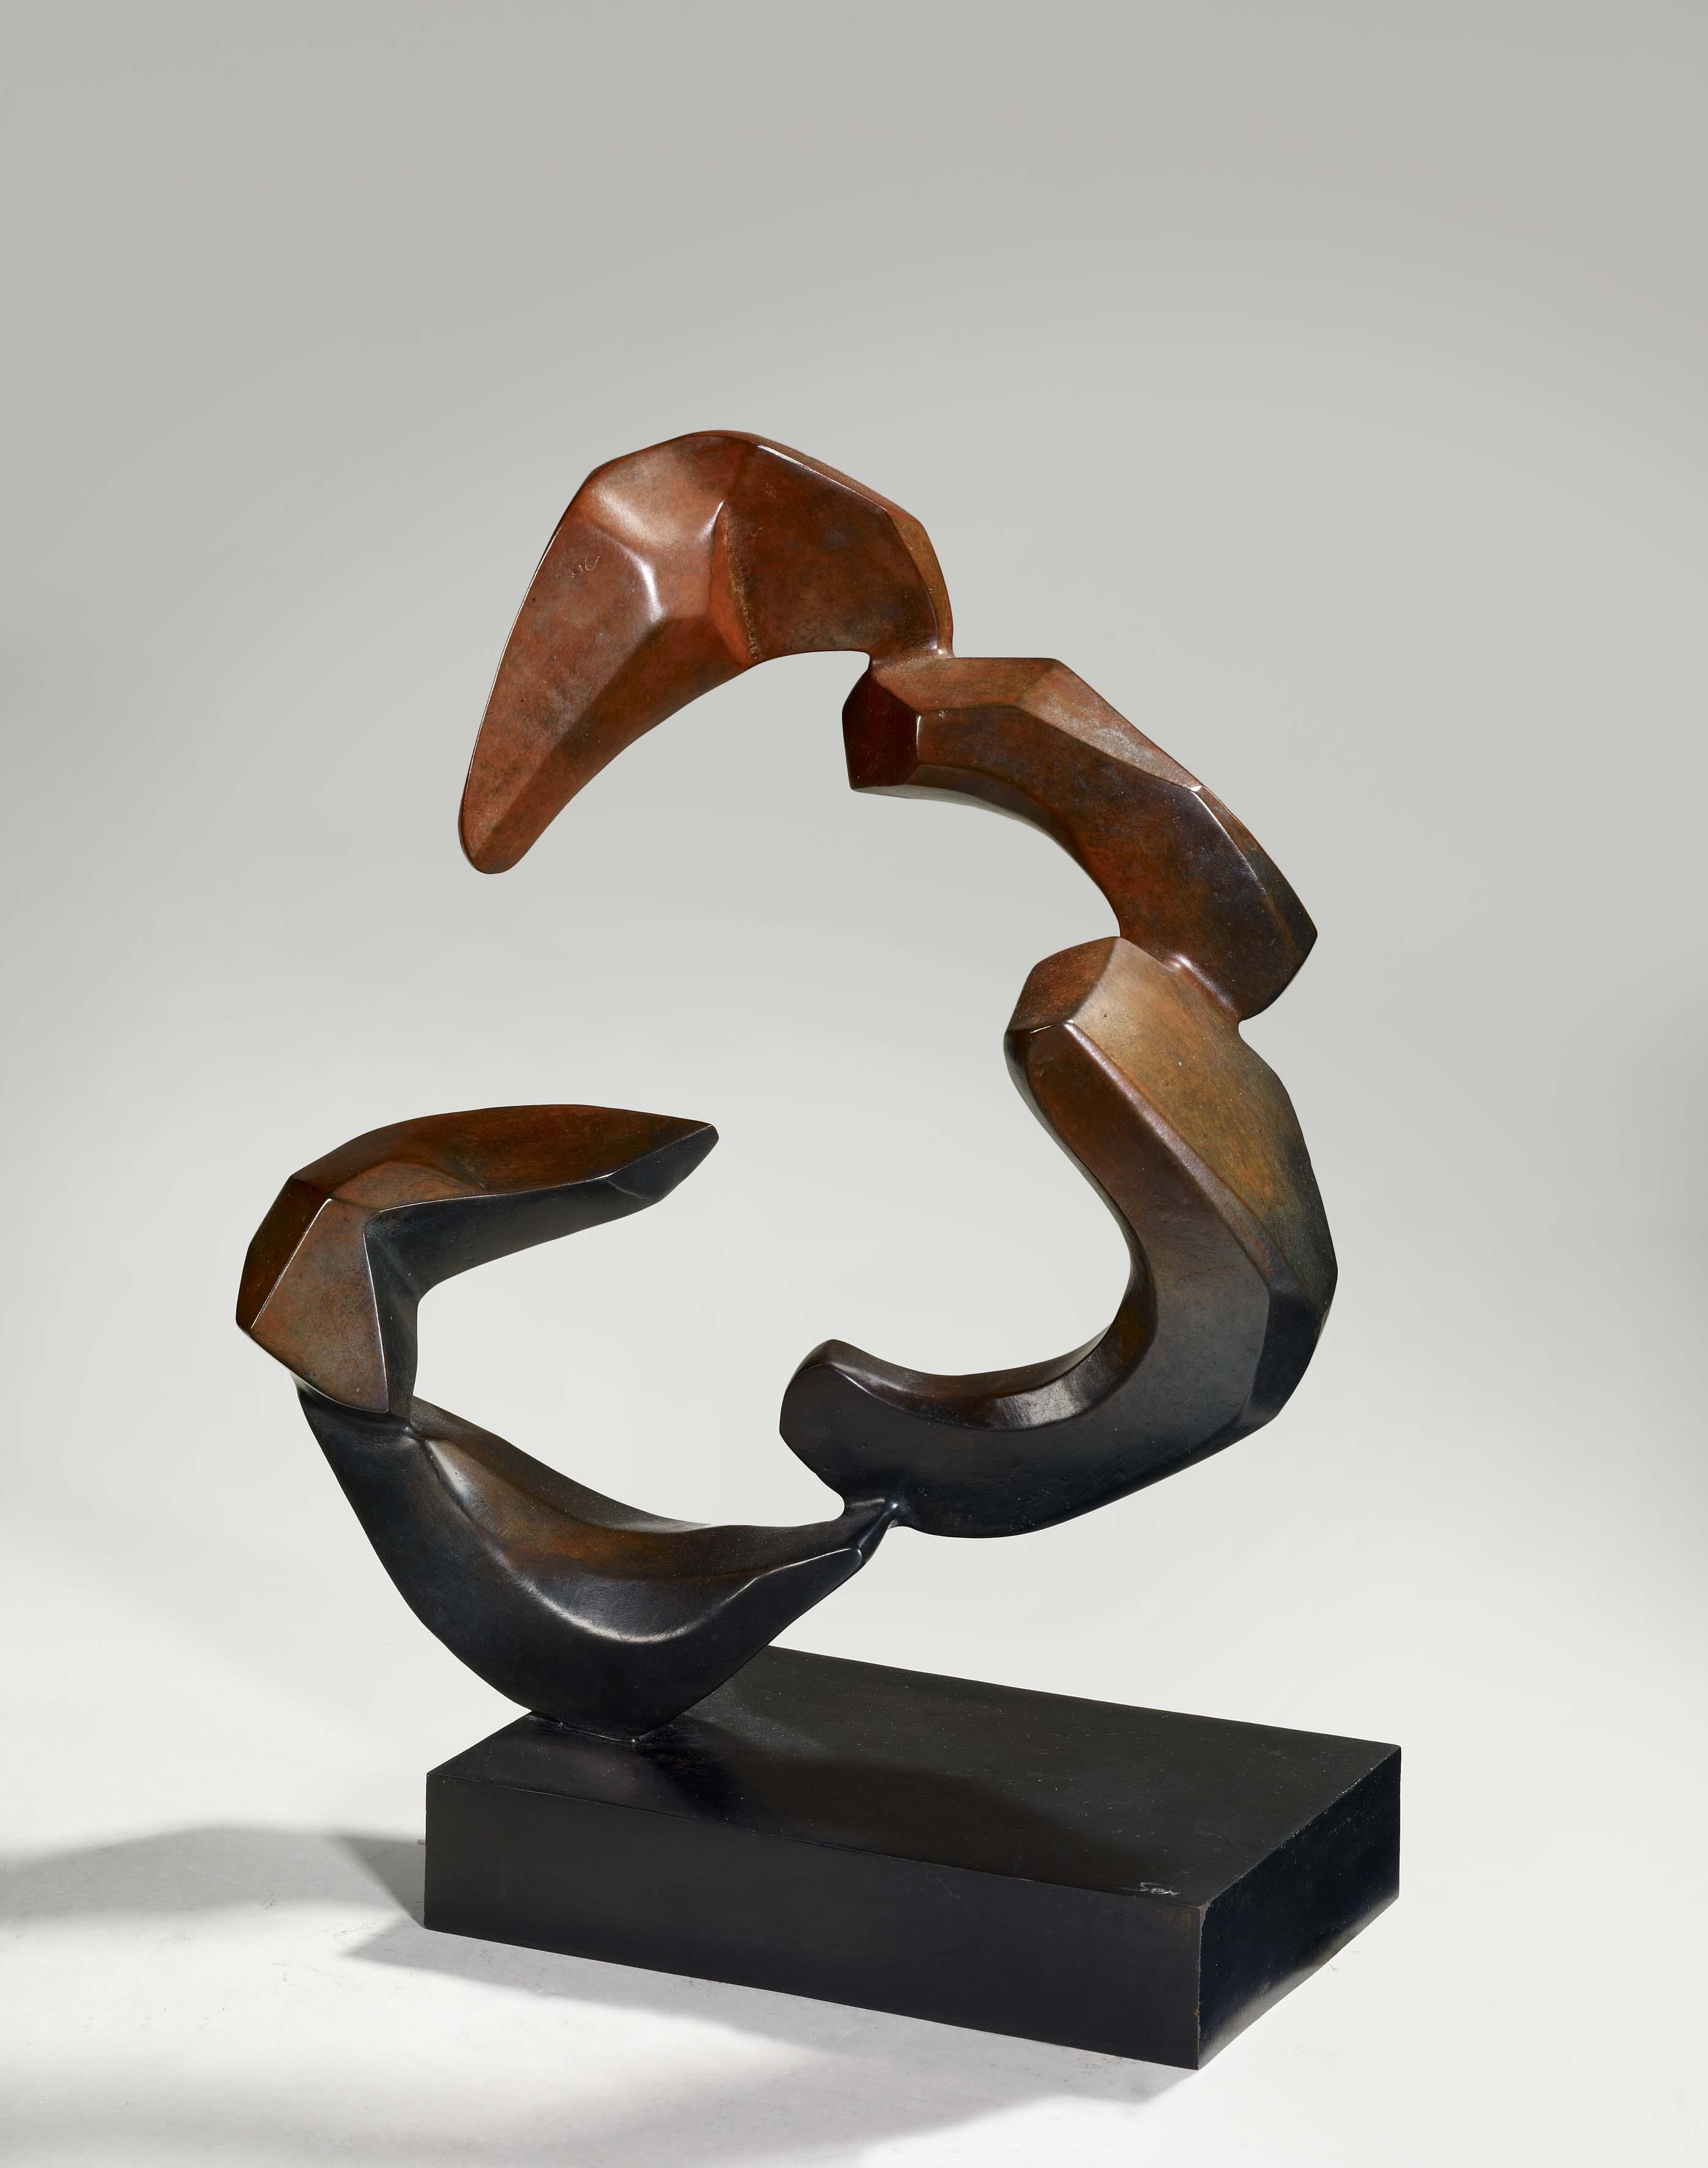 Vague, 1997, 37 x 46 x 17 cm